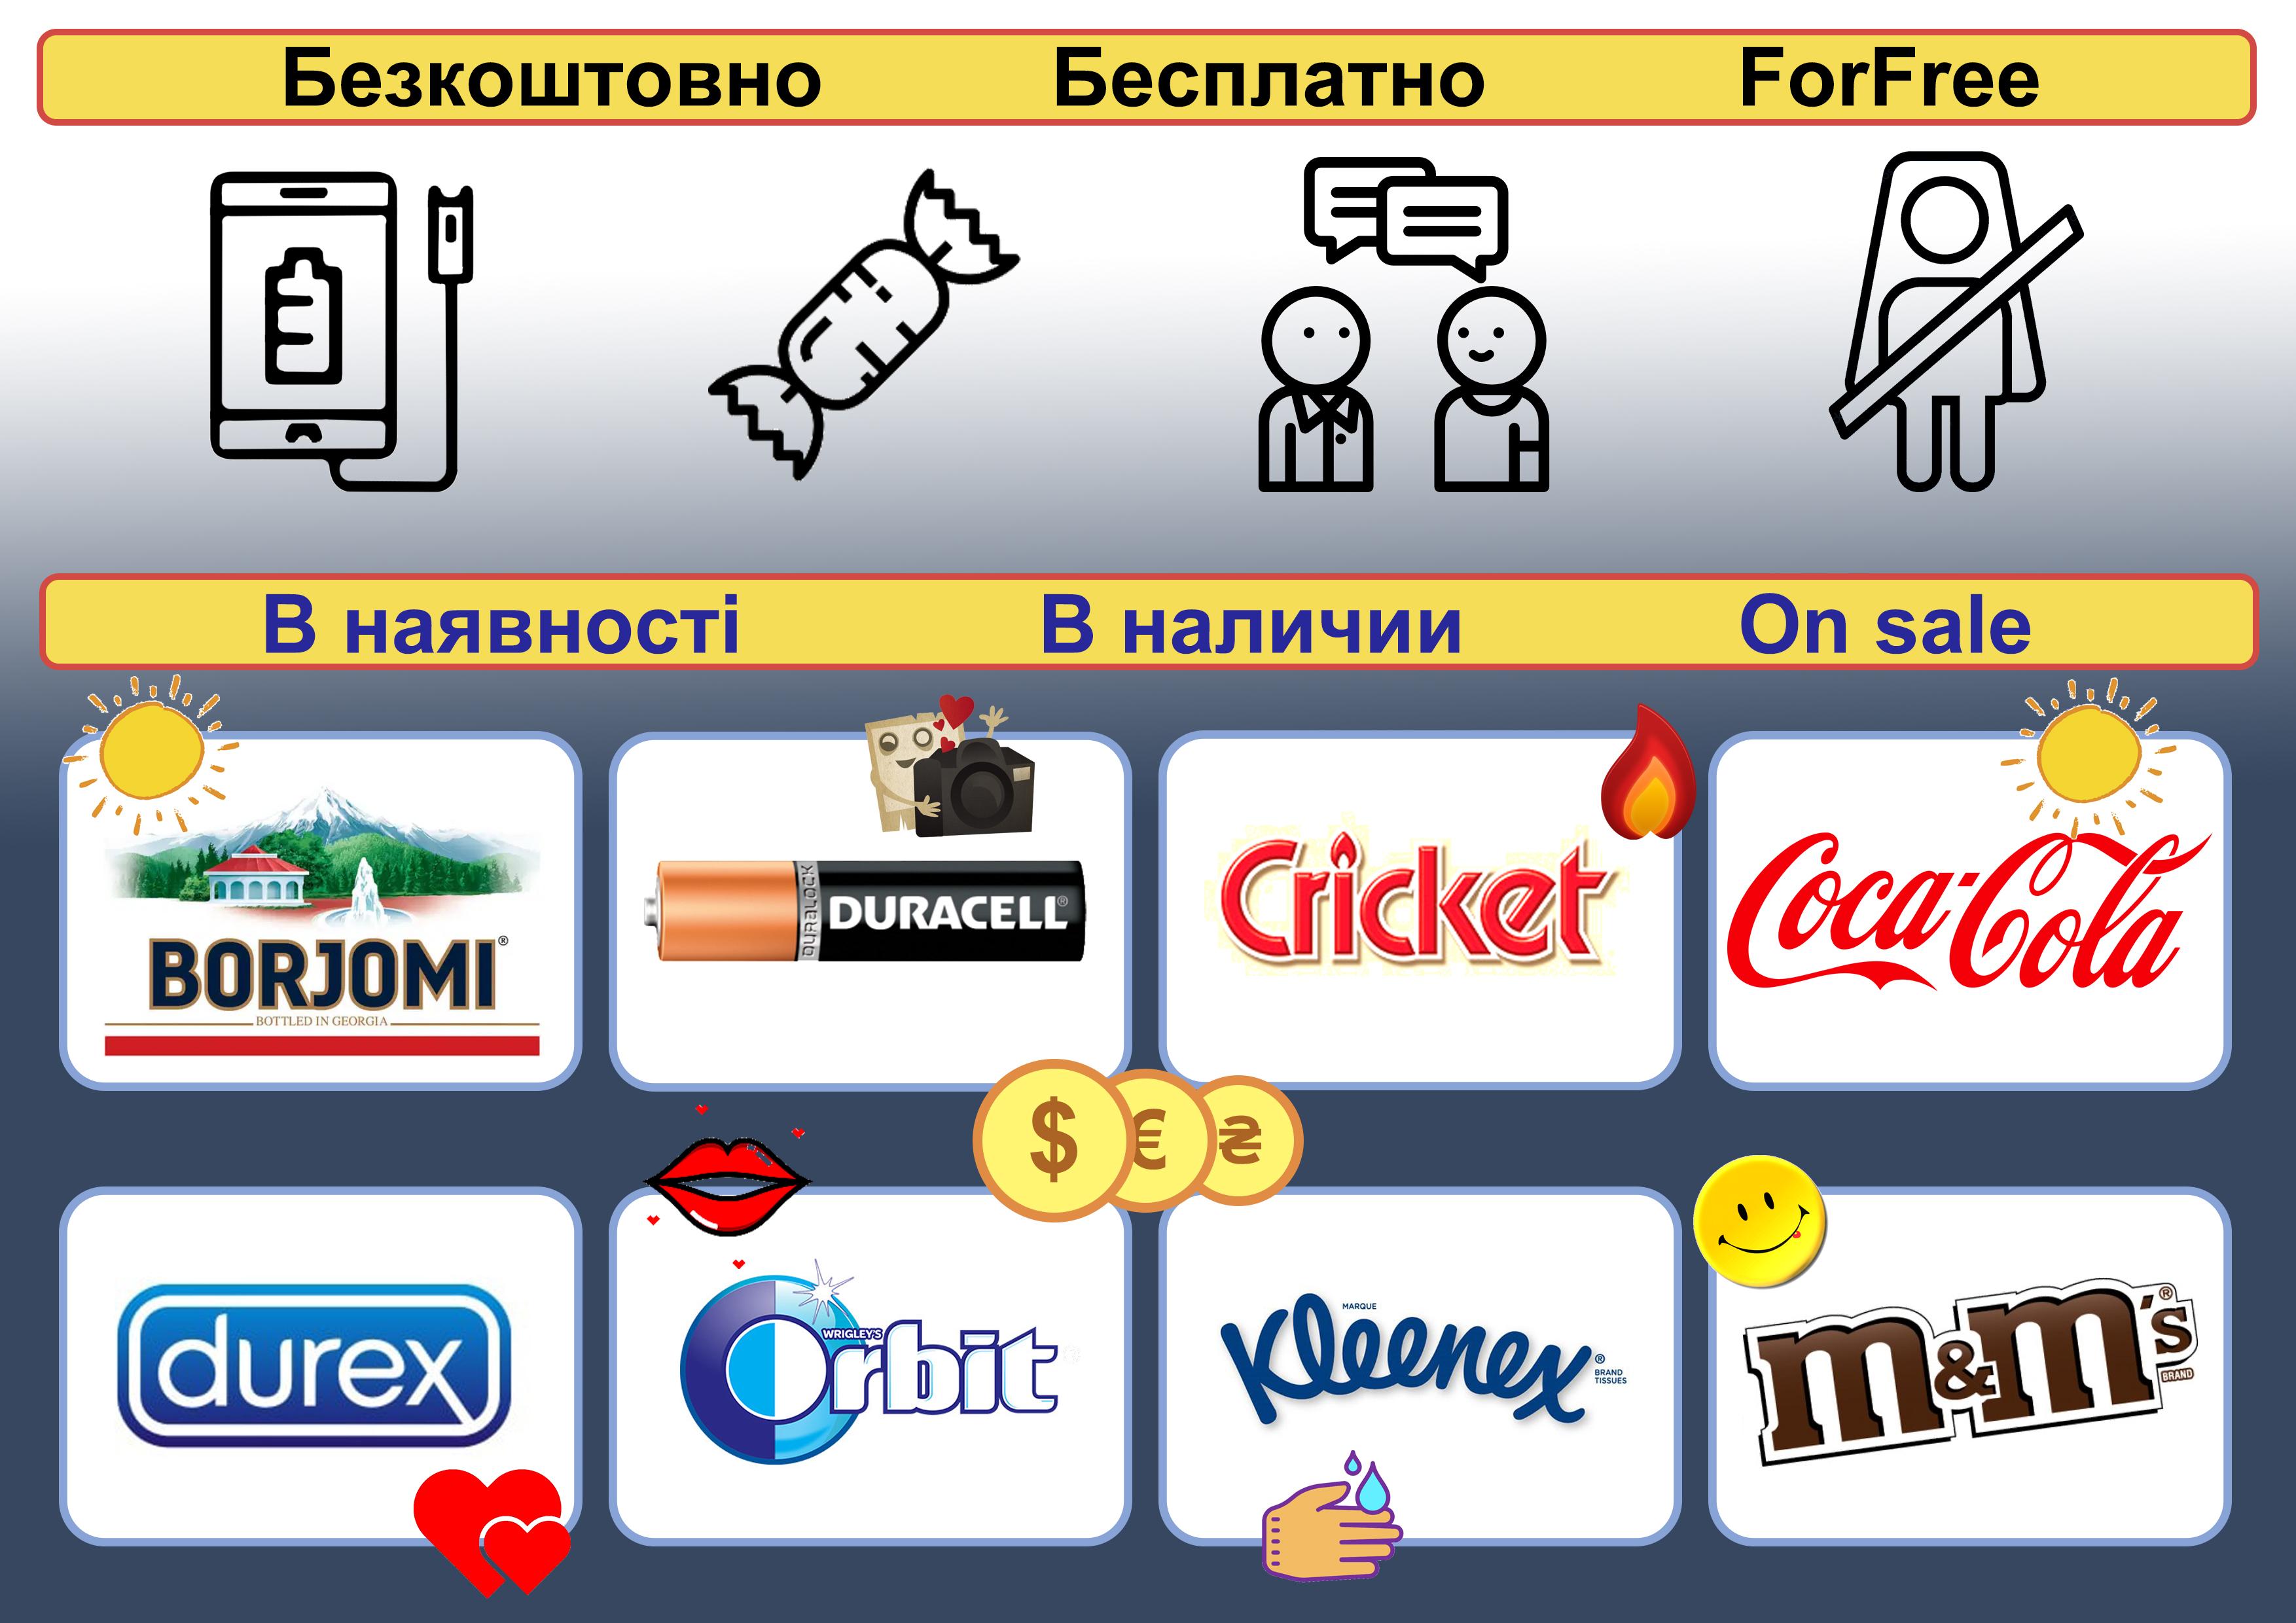 Фото Рекламная табличка о доступных сервисах в такси.